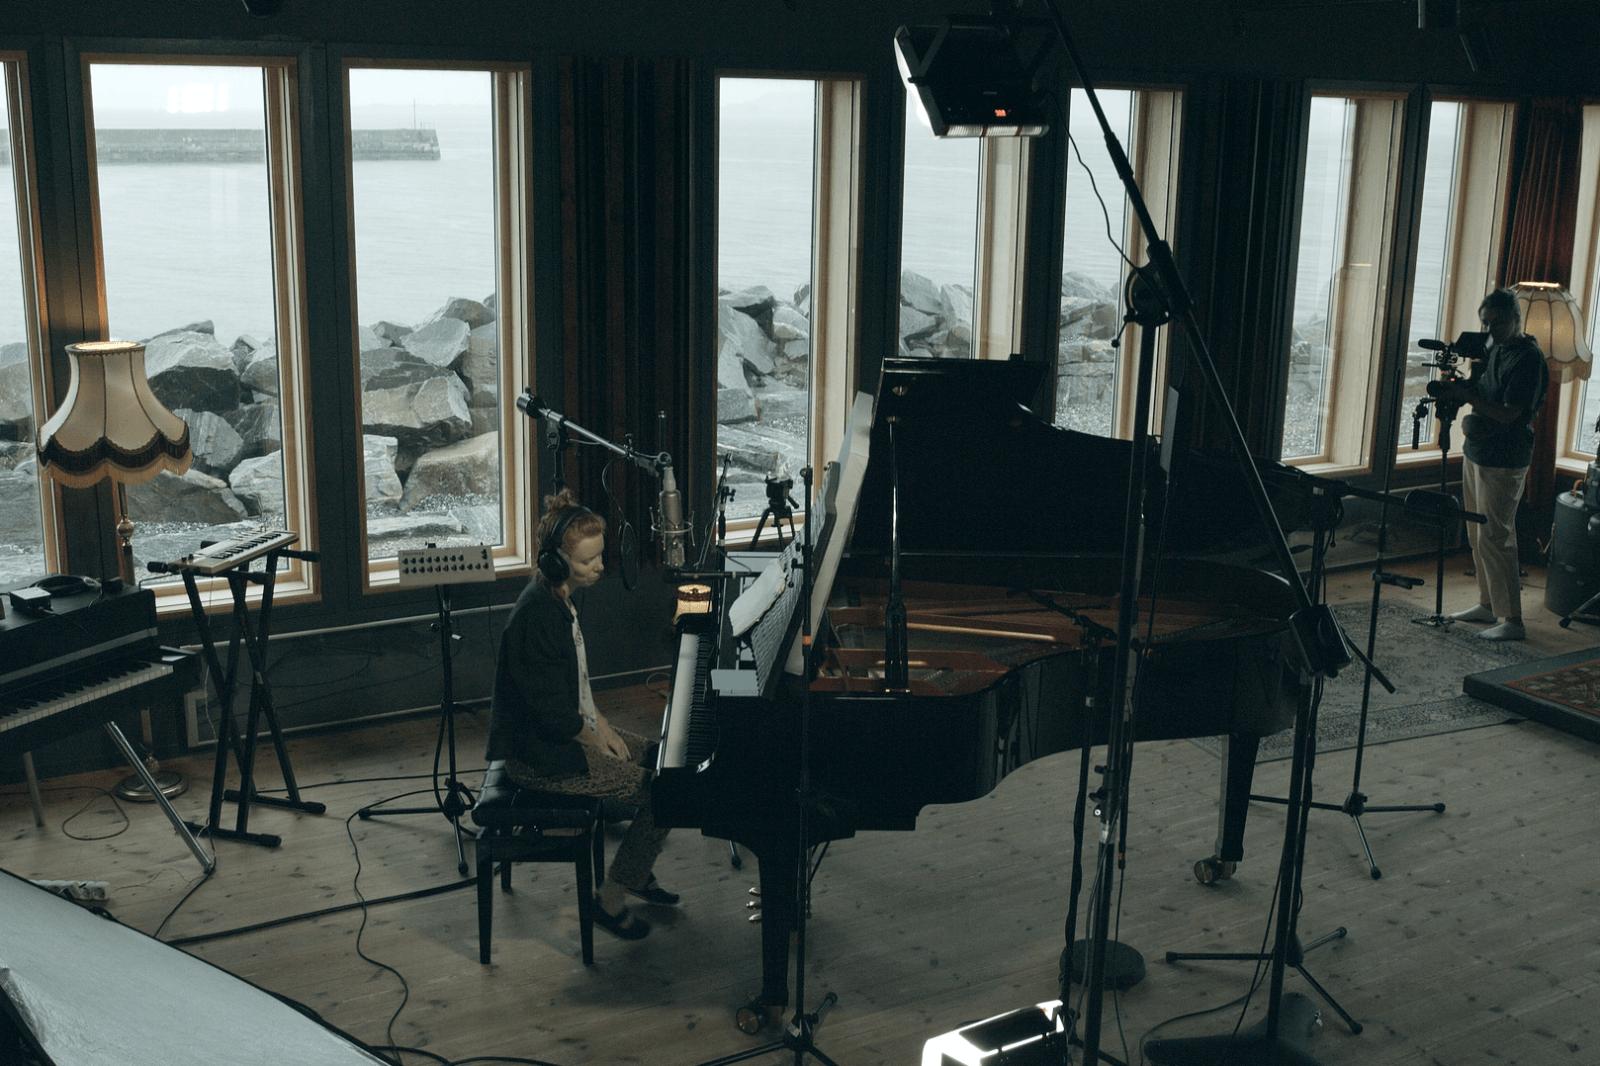 «Всякое в голове у человека, пока рождается образ»: музыкант Ксения Фёдорова о новом альбоме, стерео-звуке и клонировании